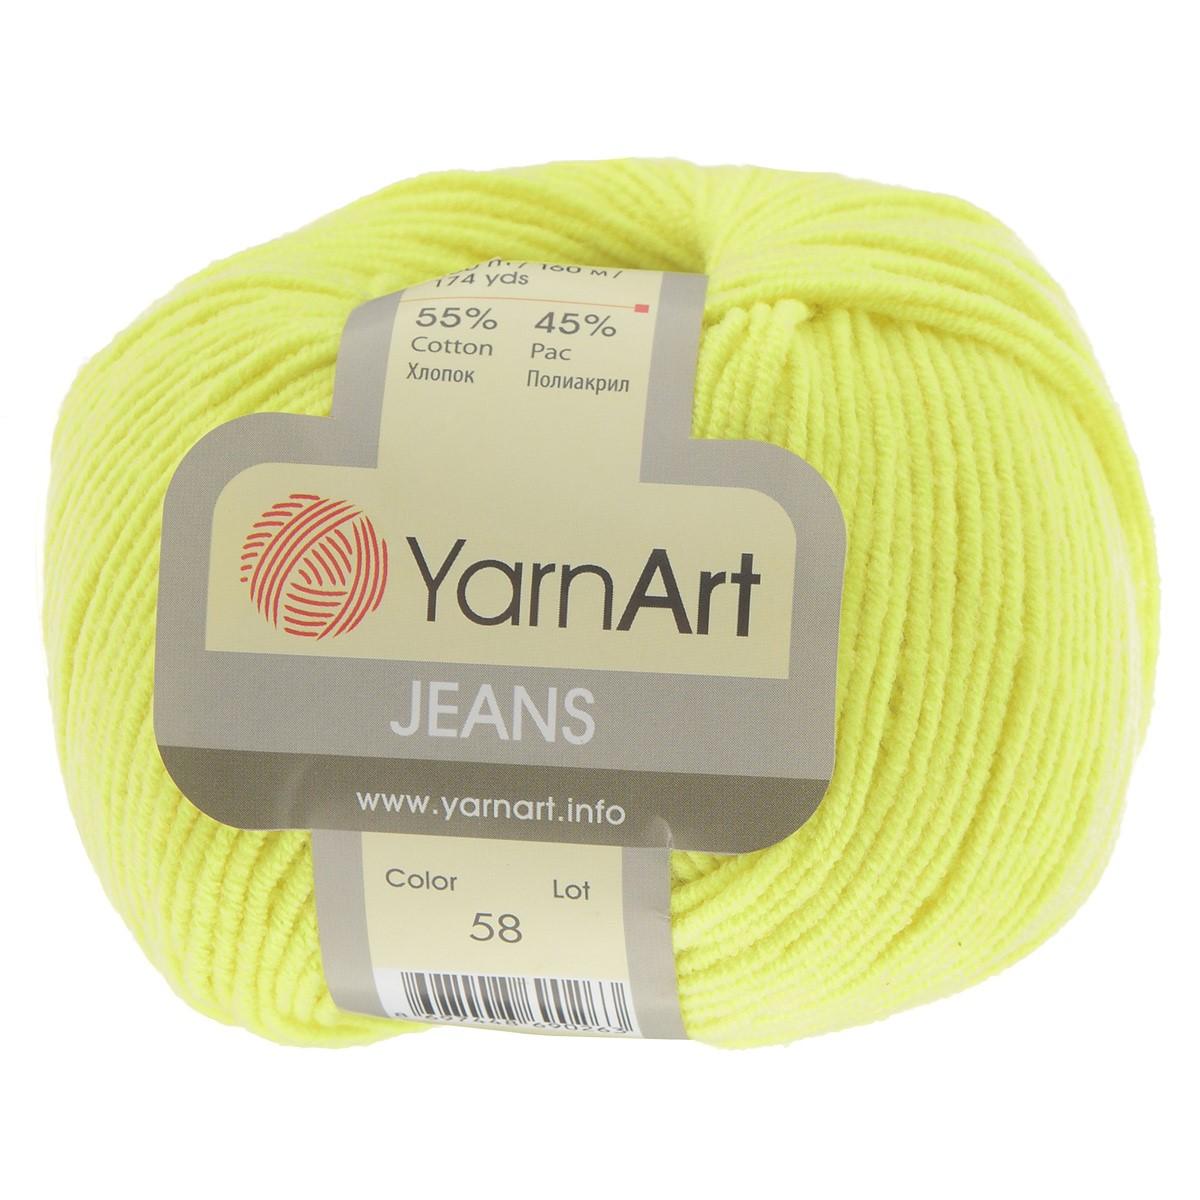 Пряжа для вязания YarnArt Jeans, цвет: лимонный (58), 160 м, 50 г, 10 шт372001_58Пряжа YarnArt Jeans изготовлена из высококачественного хлопка и полиакрила. Особенность технологии изготовления этой пряжи состоит в нежёстком кручении нити, в результате чего нить становится очень удобной для вязки, поскольку не распадается на отдельные волокна. Высокопрочная и долговечная пряжа мягкая на ощупь, а благодаря содержанию волокон акрила изделия из неё не сминаются. Даже после многократных стирок изделия отлично сохраняют внешний вид, что очень важно для вязаных изделий детского ассортимента. Цветовая гамма пряжи YarnArt Jeans очень богатая, вы можете пополнить свой гардероб изделиями из неё на любой сезон: джемпером, жакетом, свитером и другими полезными и оригинальными вещами, которые прослужат вам и вашим близким очень долго и не создадут трудностей в уходе за ними. Рекомендуется для вязания на крючках и спицах 3,5 мм. Состав: 55% хлопок, 45% полиакрил.